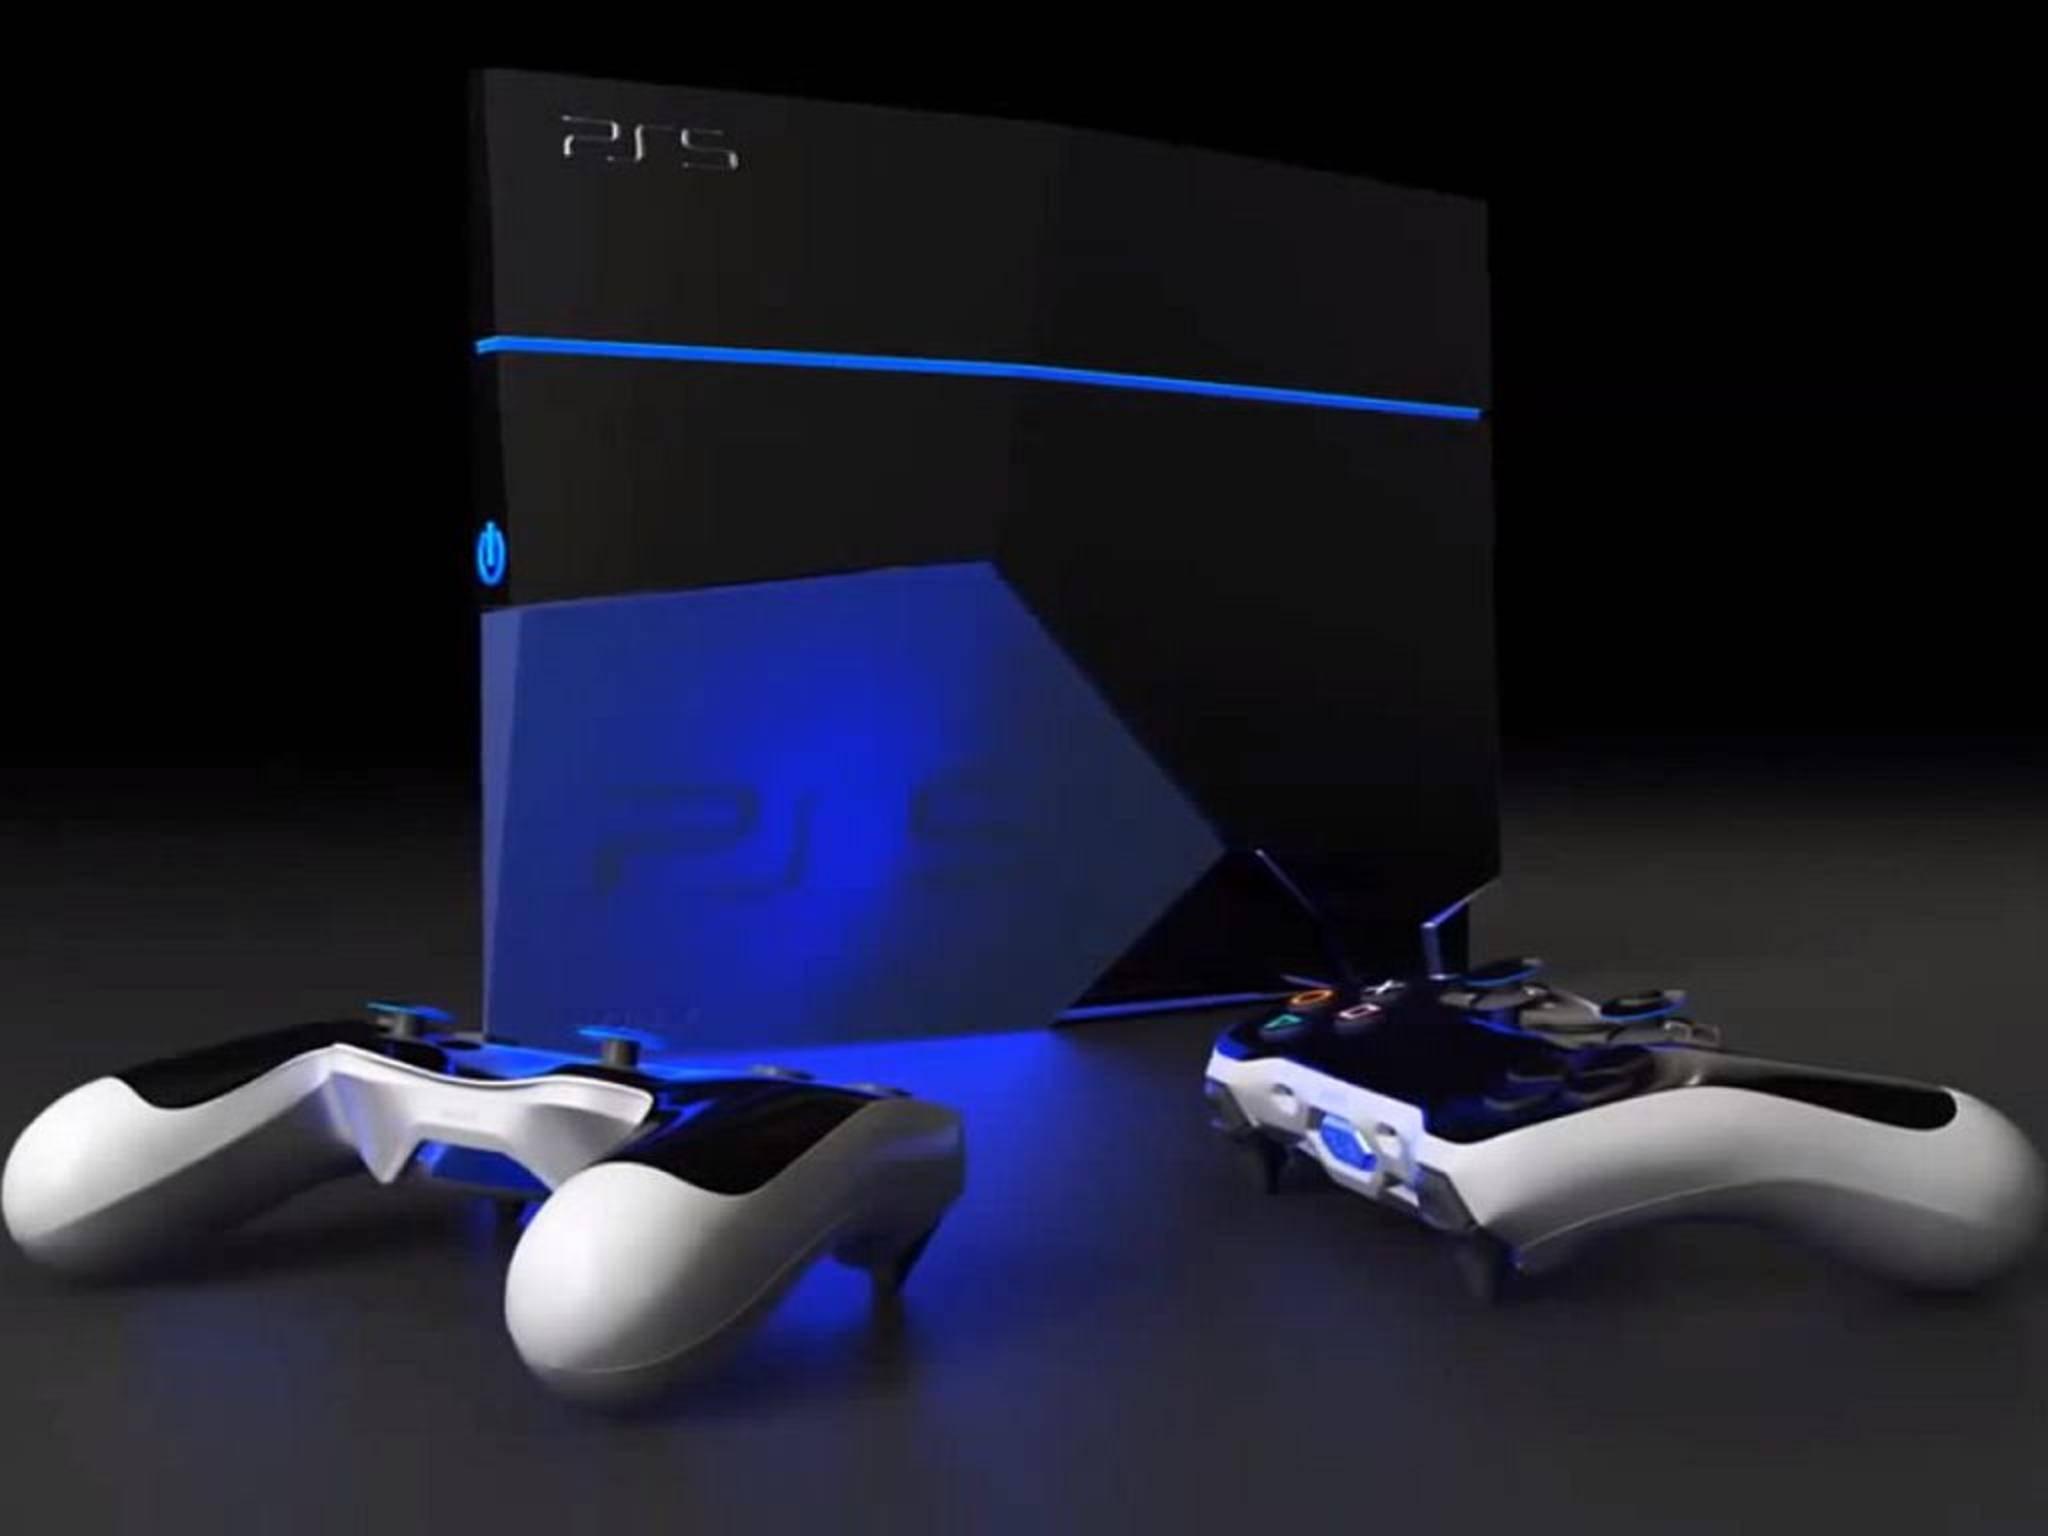 Kommt die PS5 womöglich niemals auf den Markt?